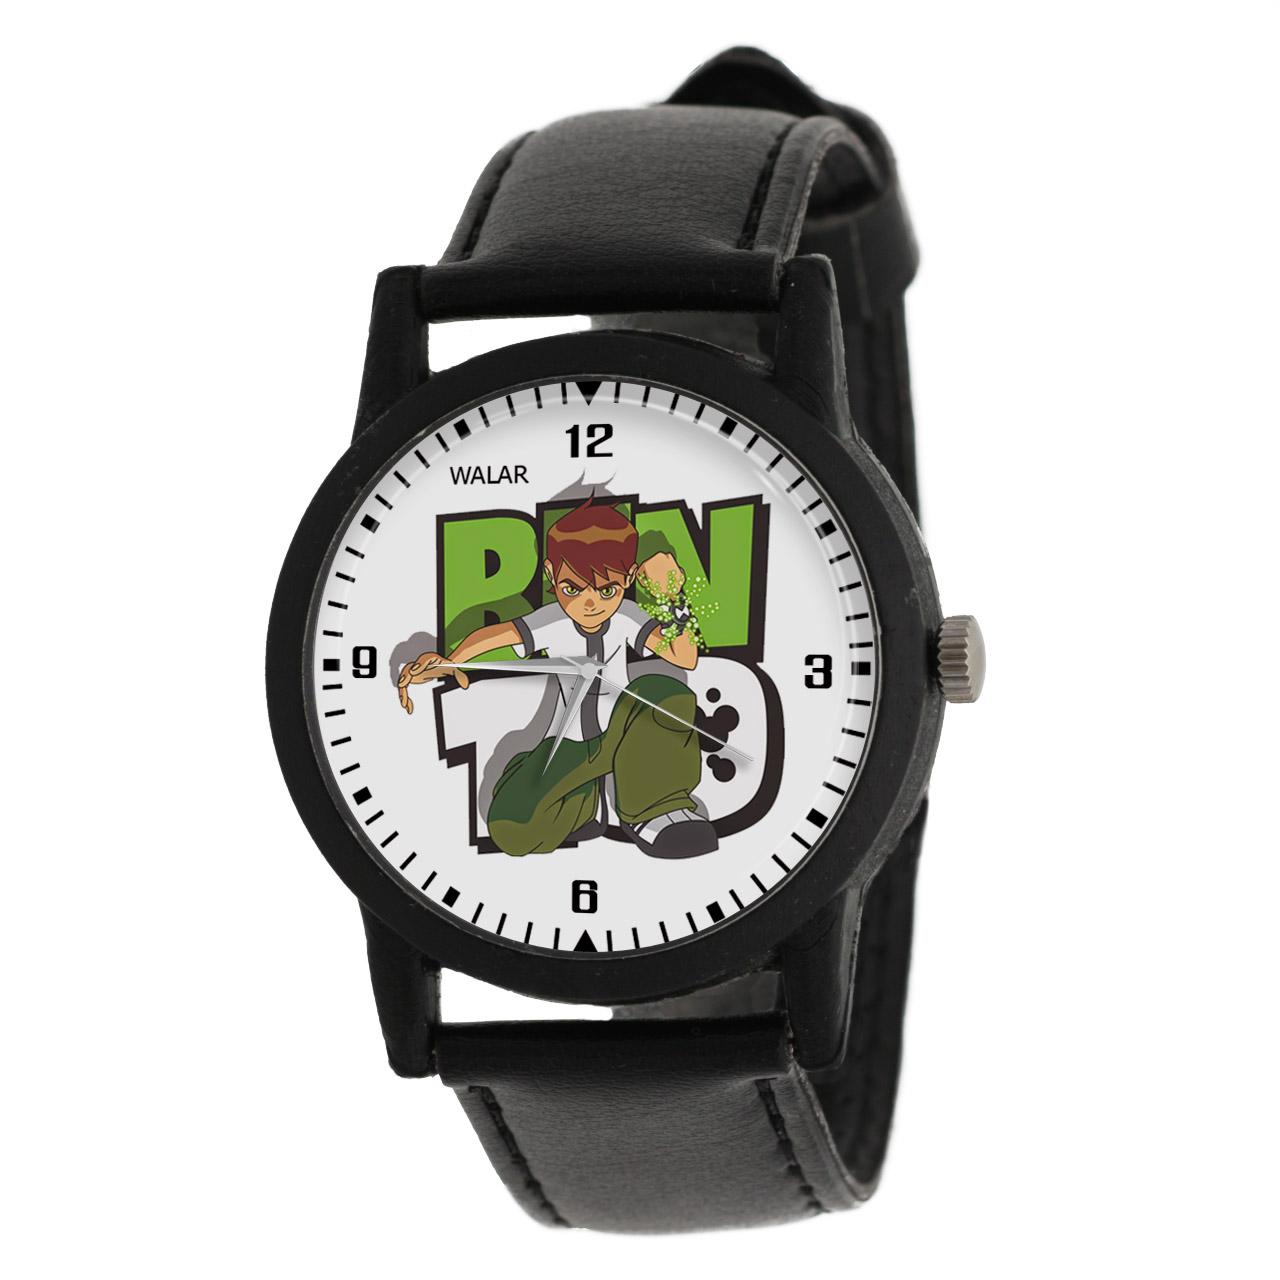 ساعت مچی عقربه ای والار طرح بن تن کد LF2193              خرید (⭐️⭐️⭐️)